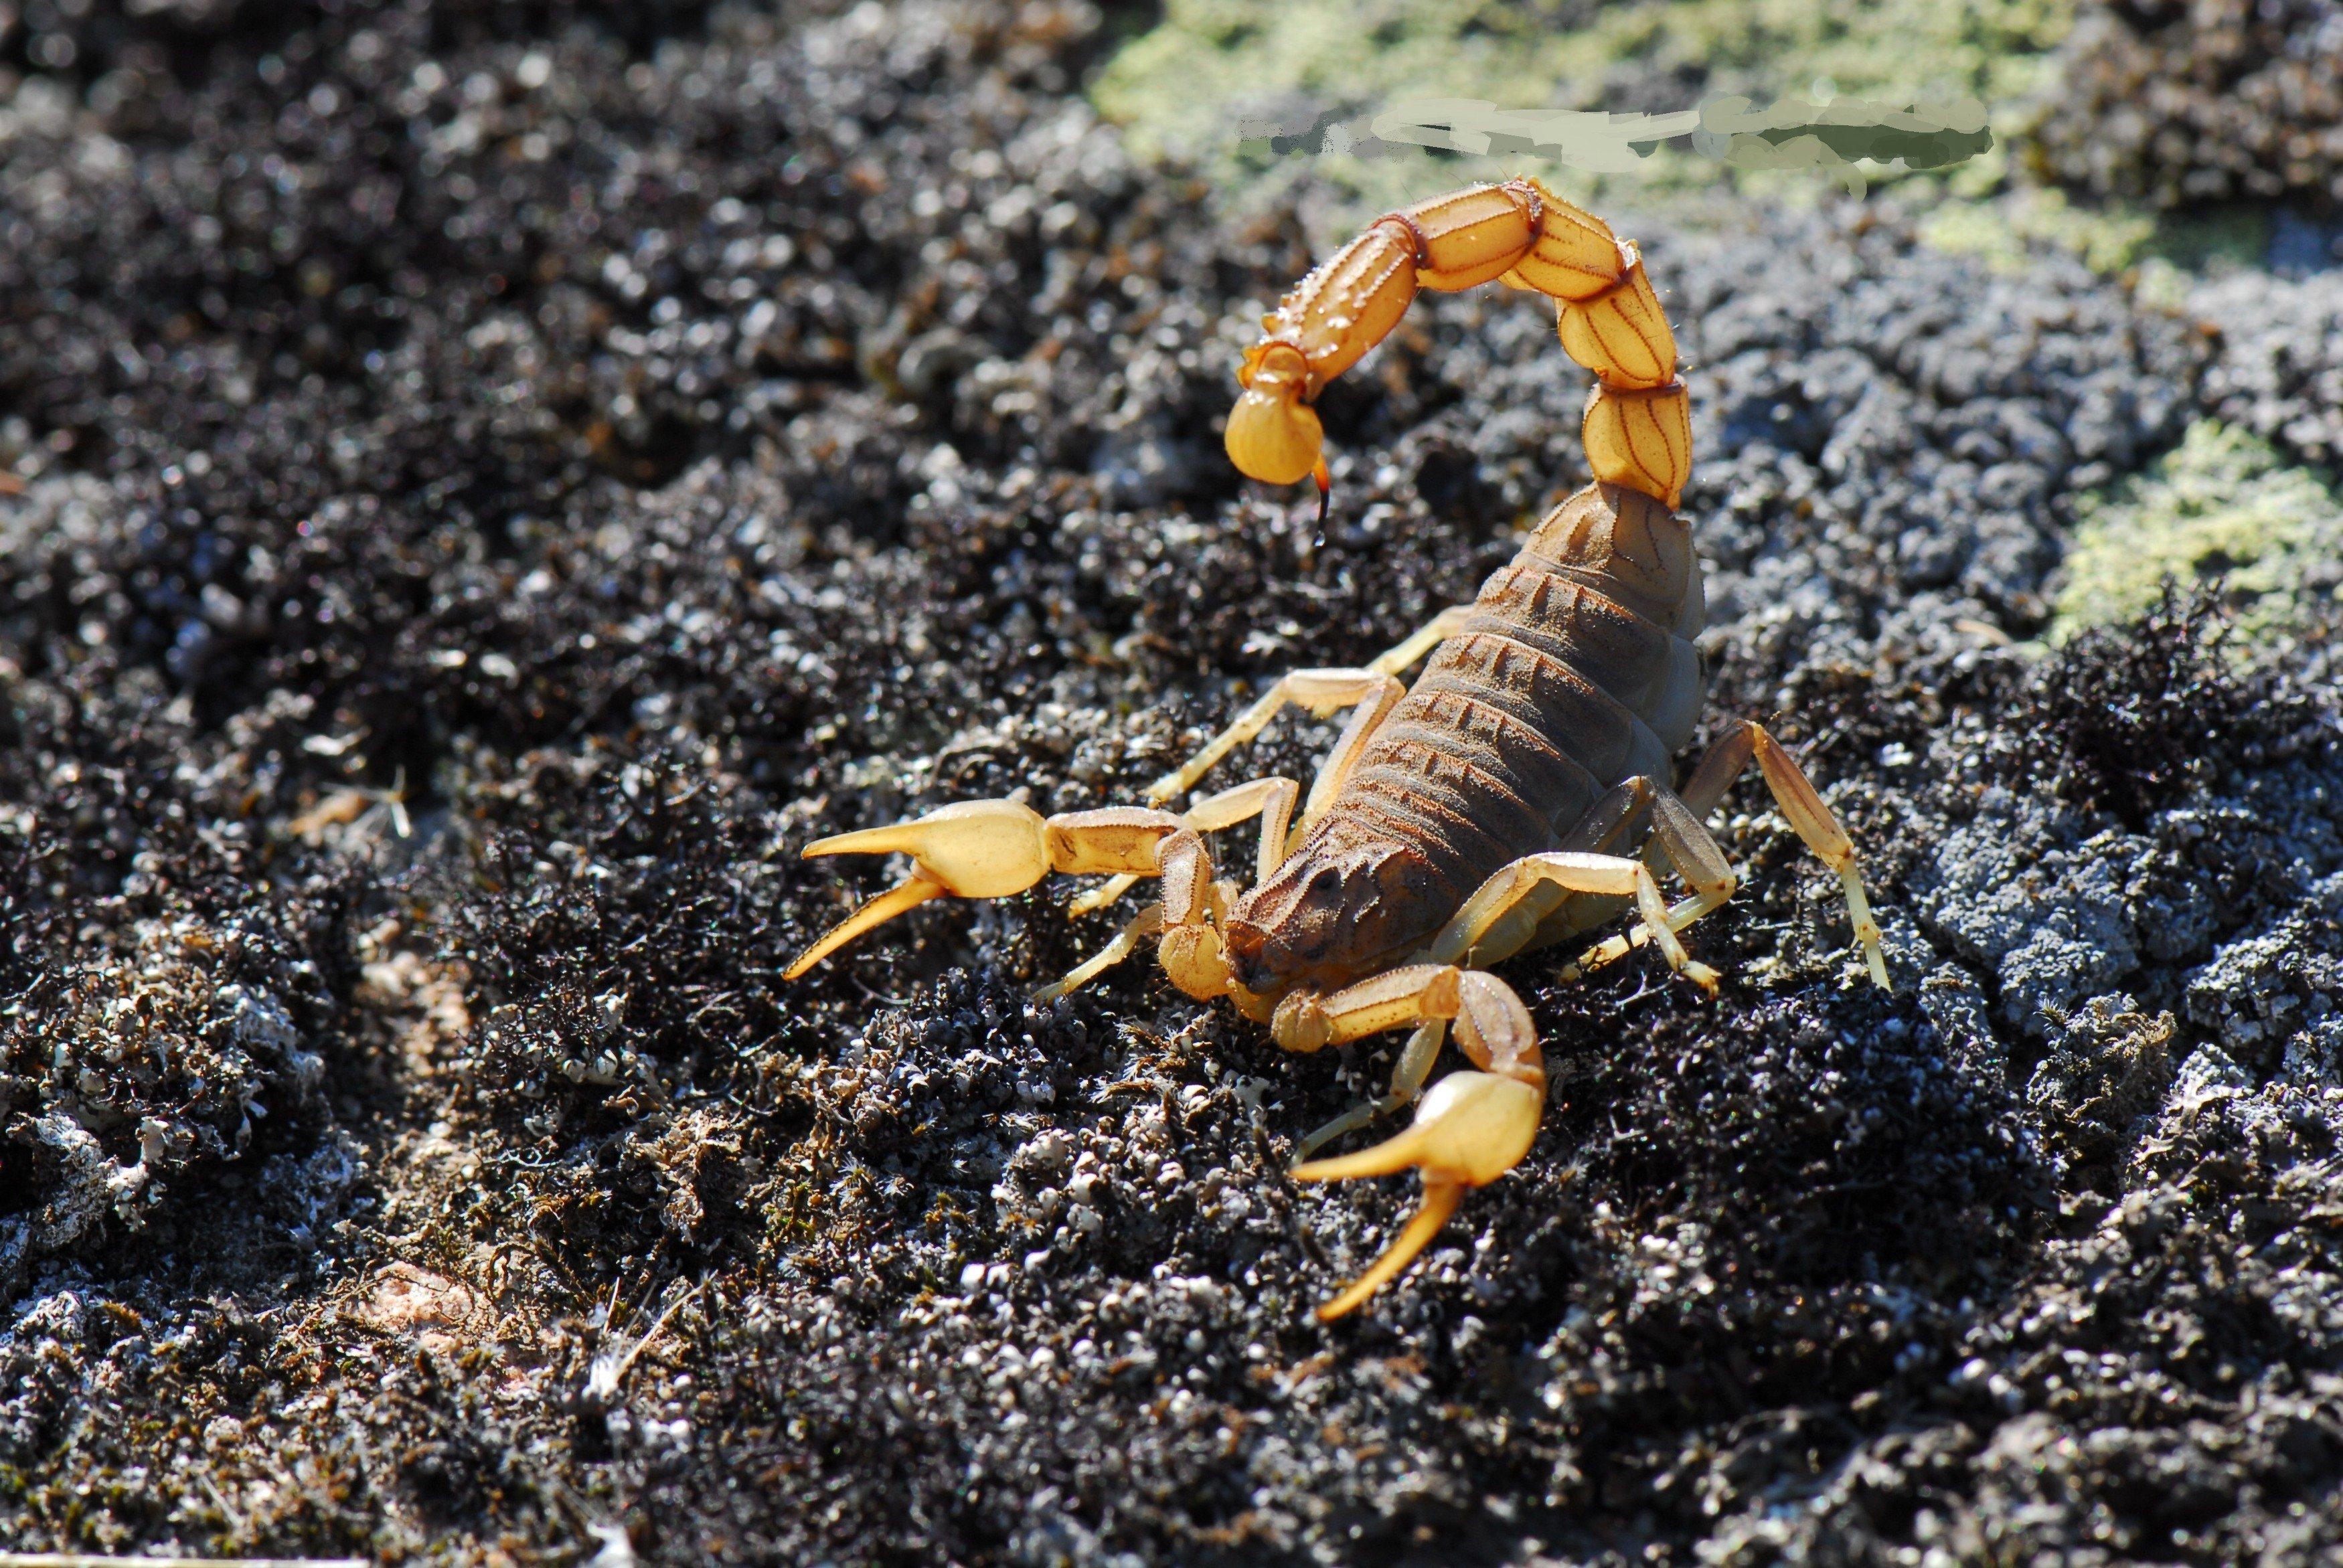 добираясь фотографии скорпион лучшие обои то